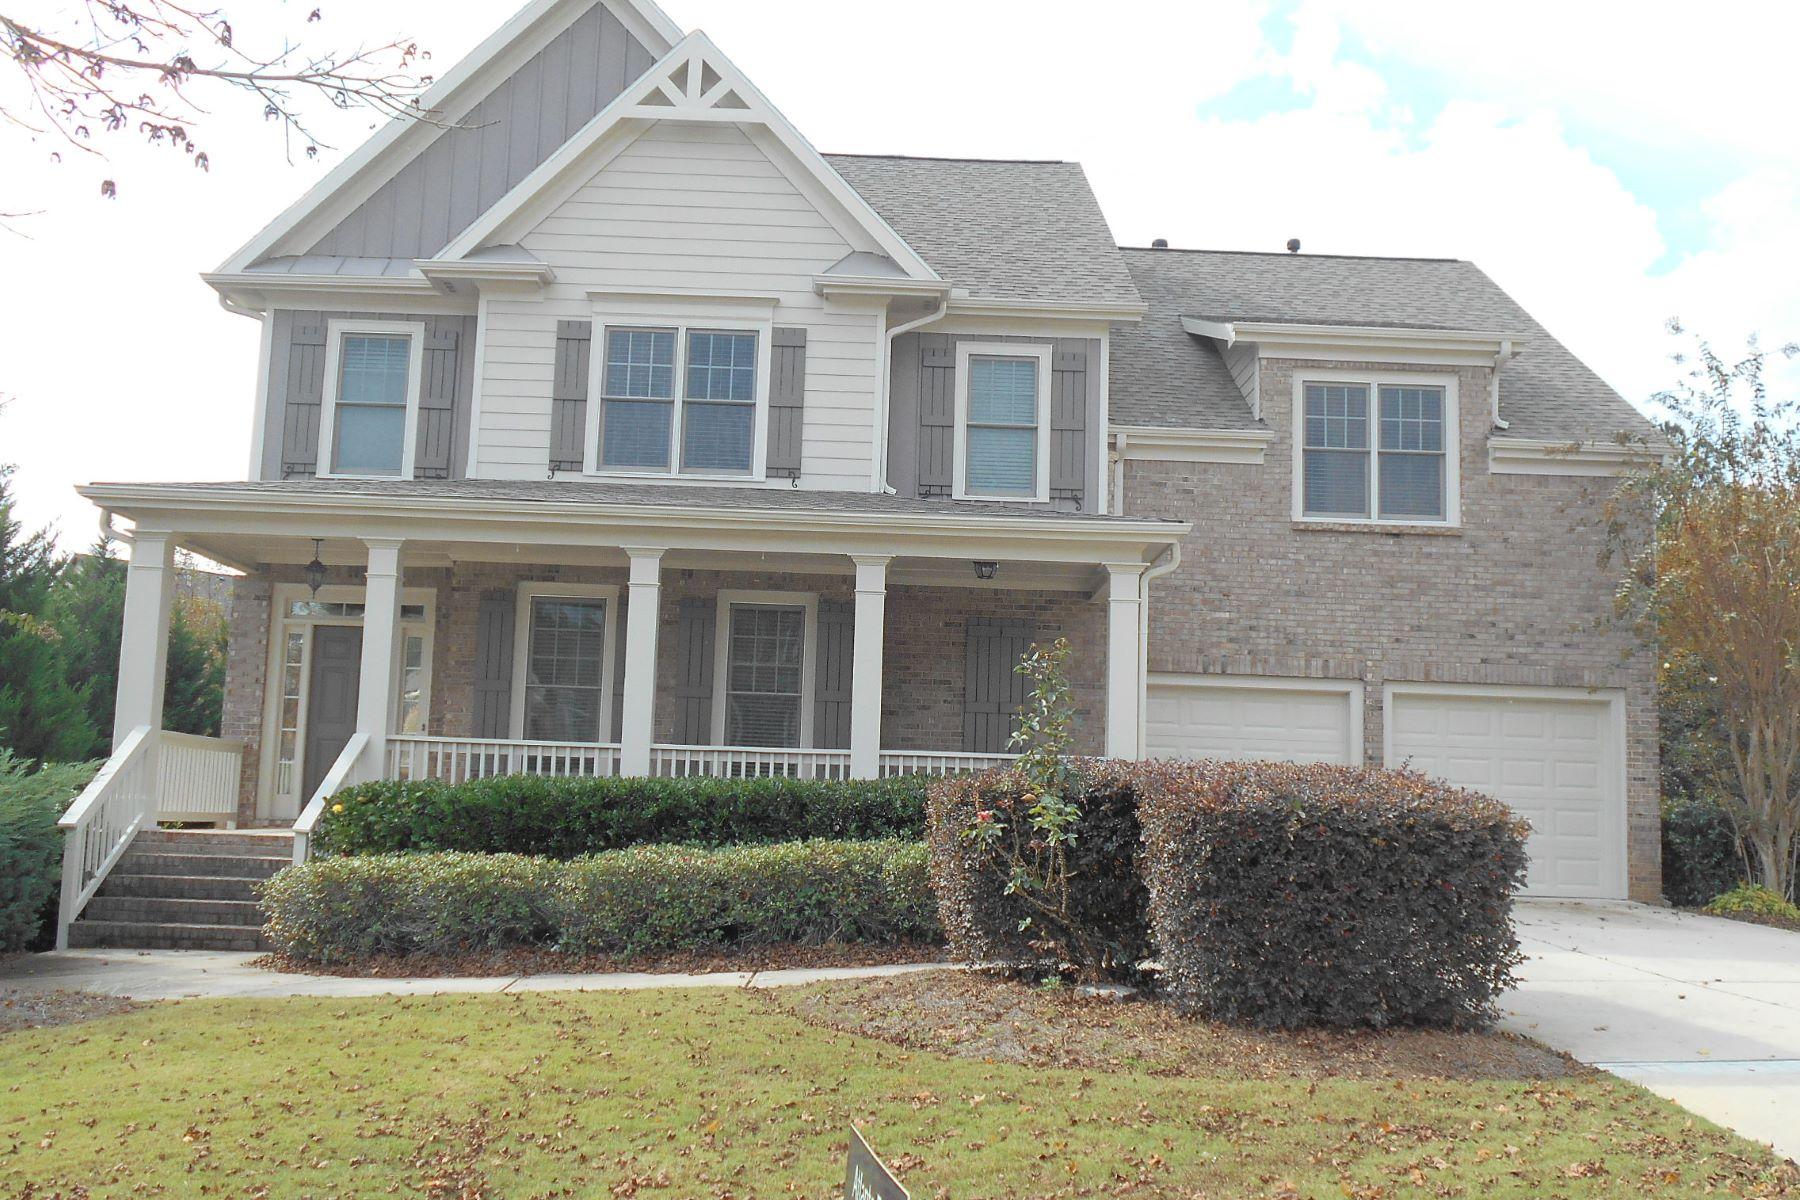 Частный односемейный дом для того Аренда на Outstanding Floor Plan 7634 Tenspeed Court Flowery Branch, Джорджия 30542 Соединенные Штаты